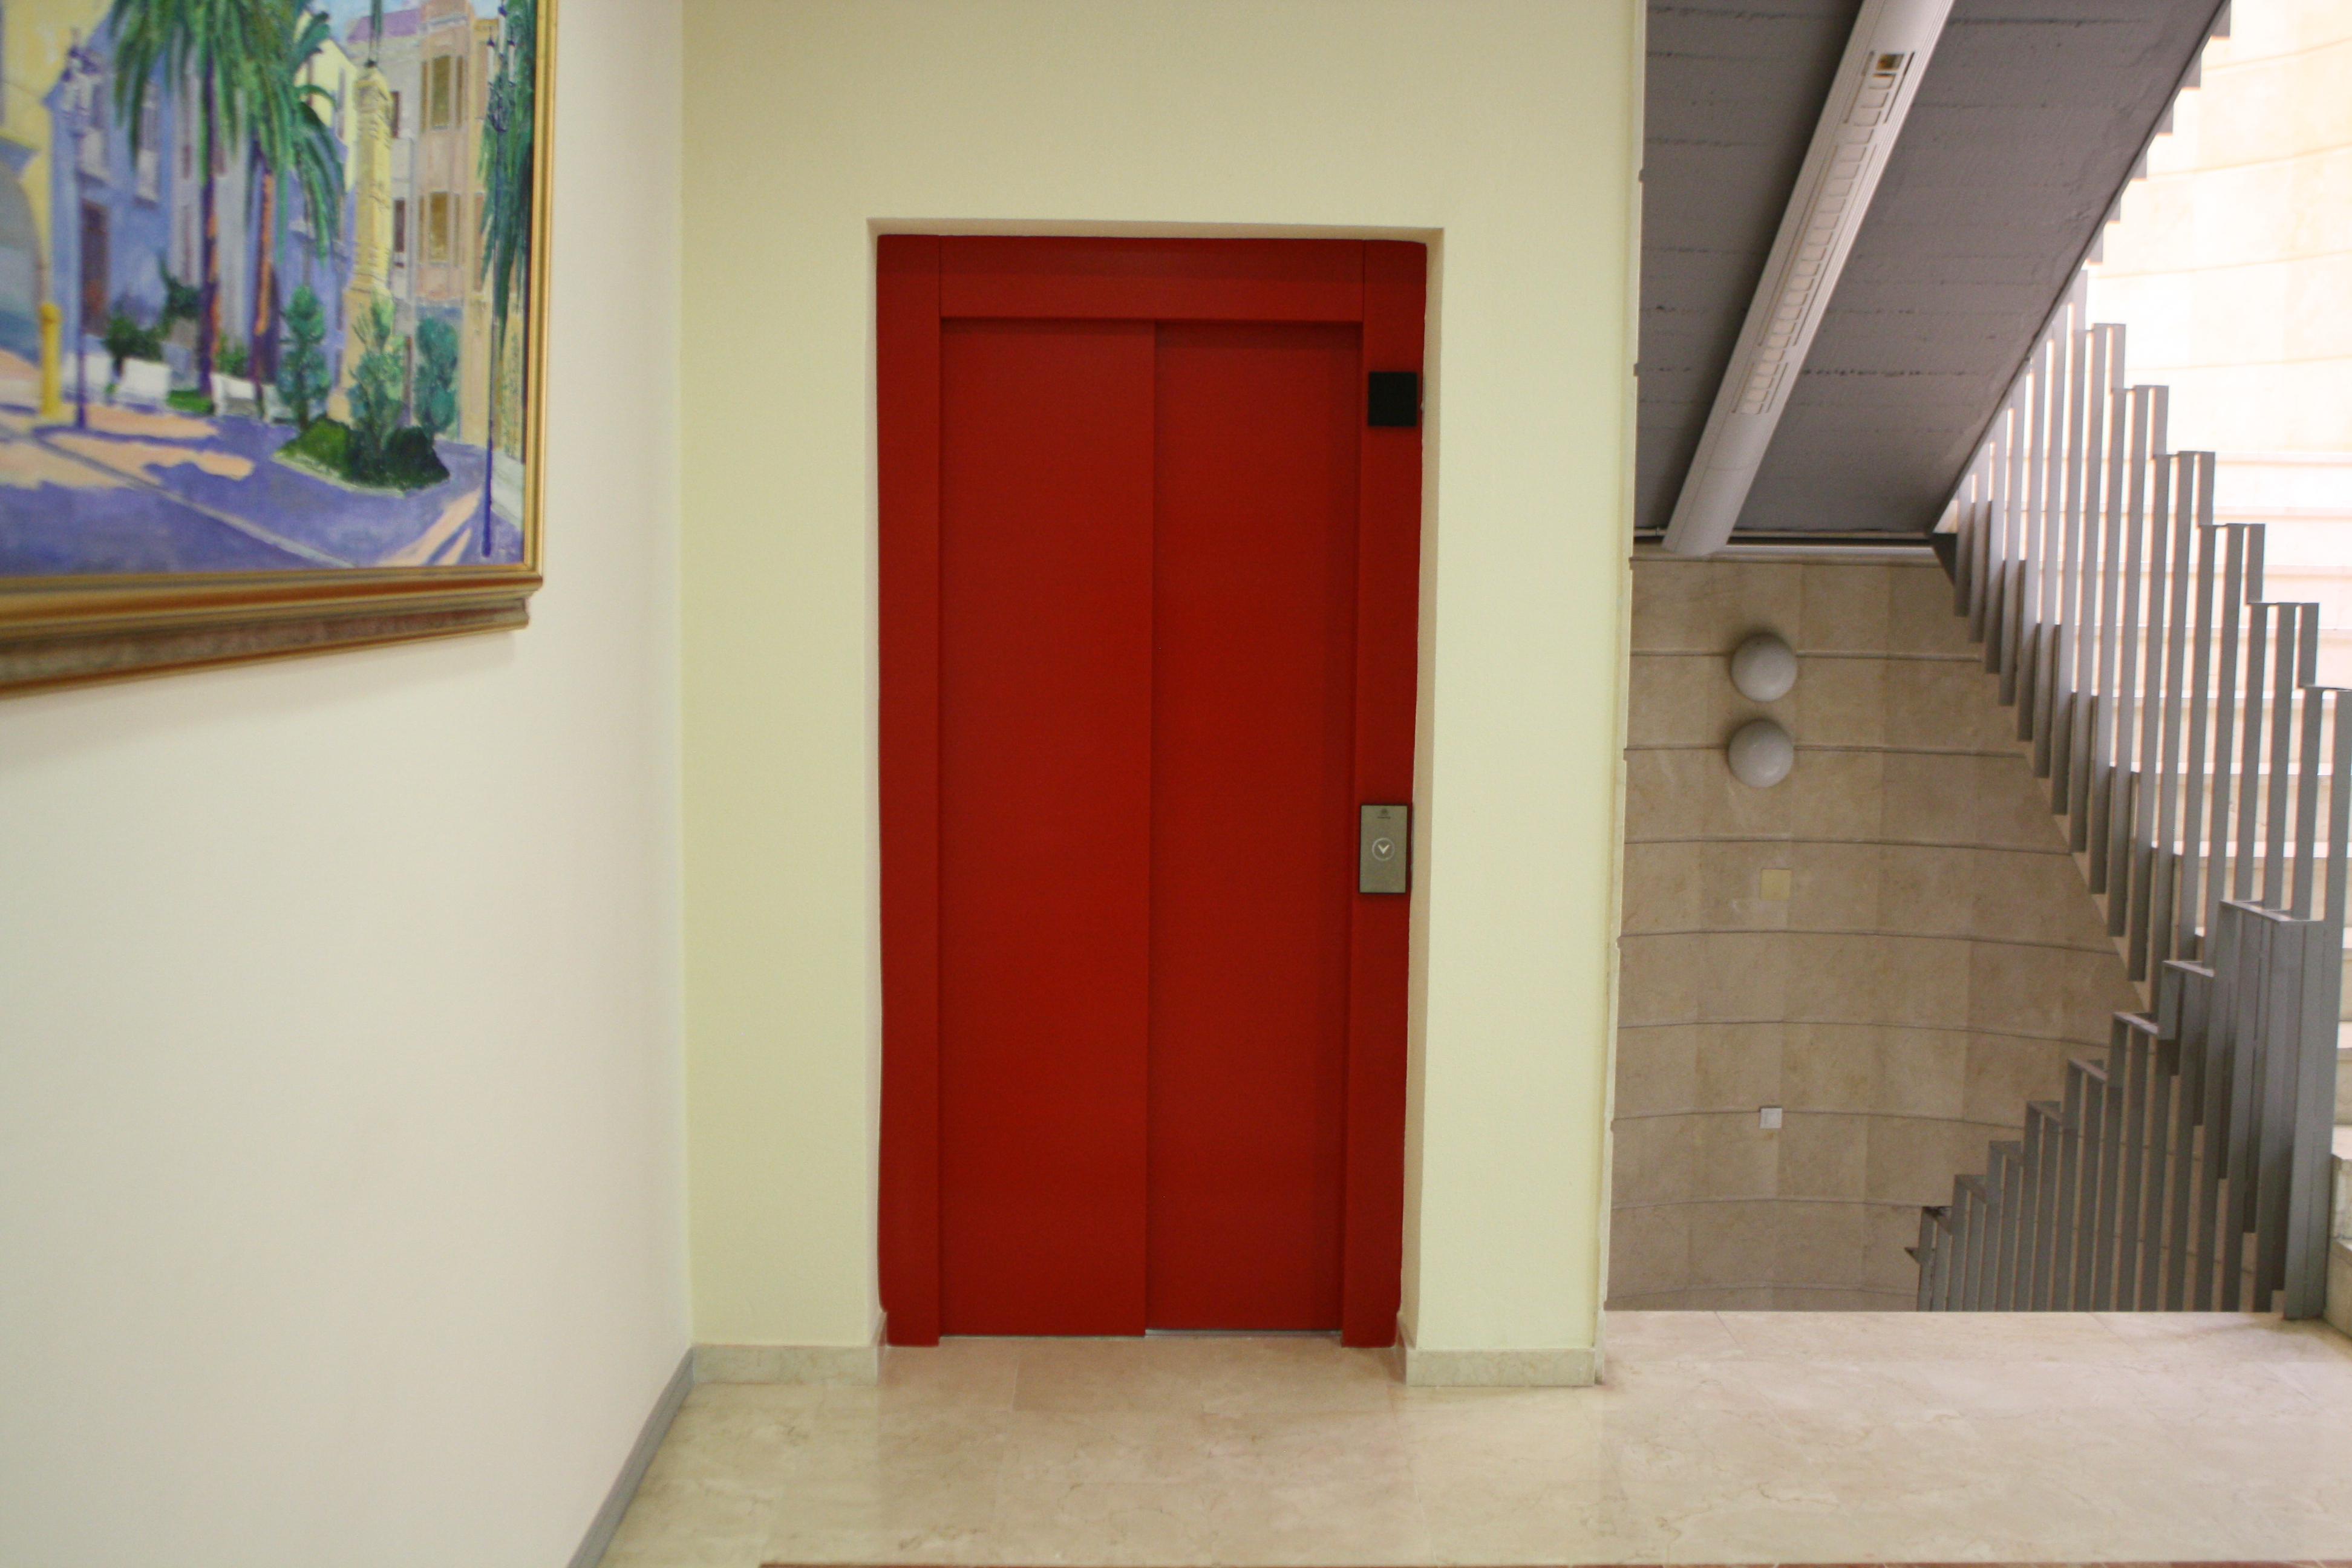 El Ayuntamiento de Novelda dispone ya de ascensor accesible